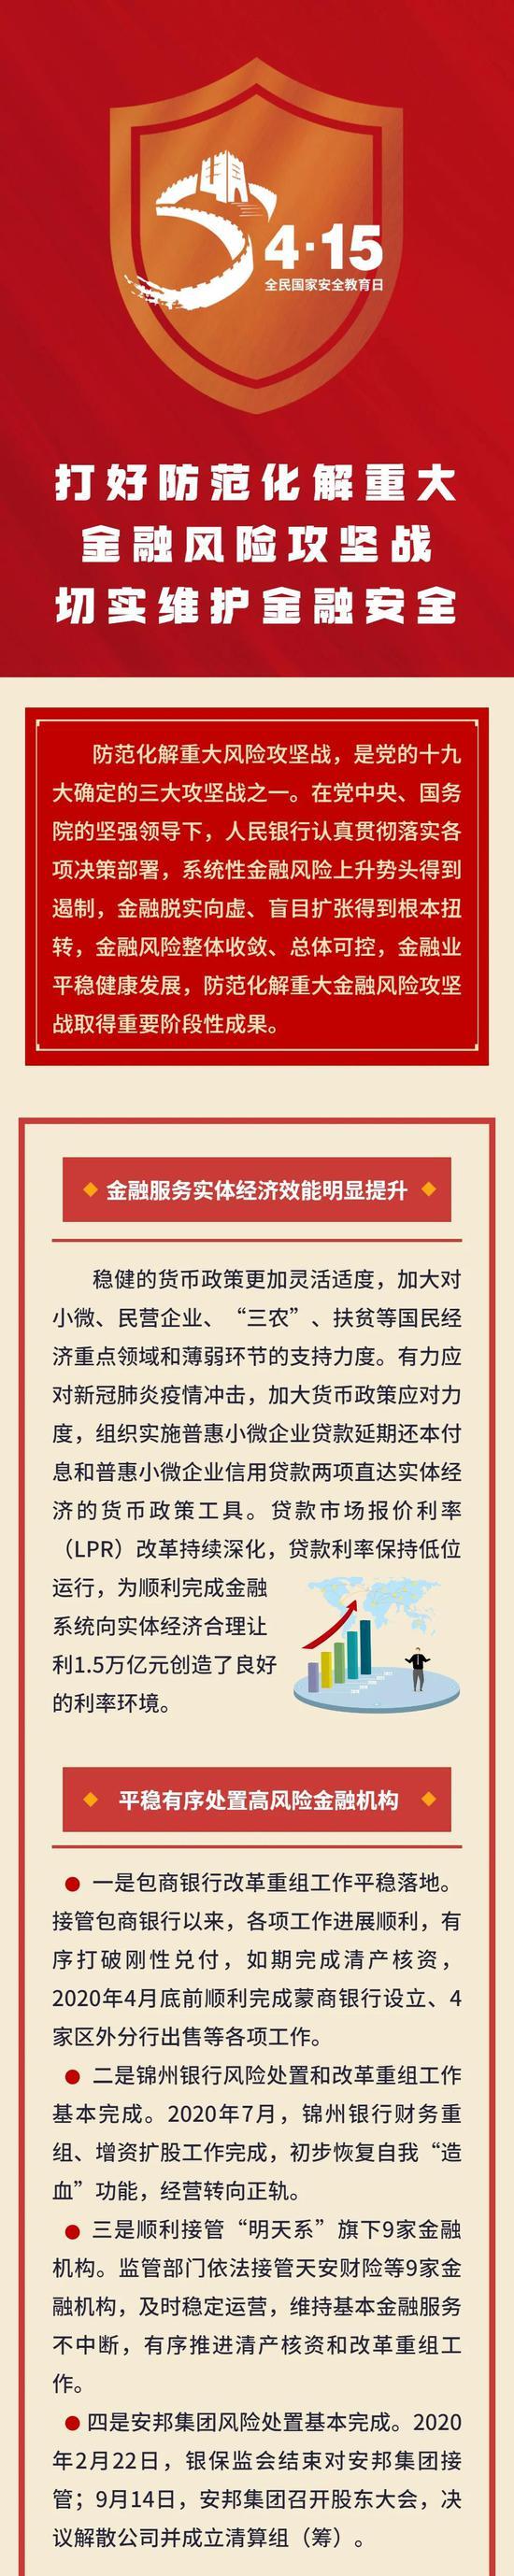 央行:在营P2P网贷机构全部停业 严厉打击非法集资等非法金融活动